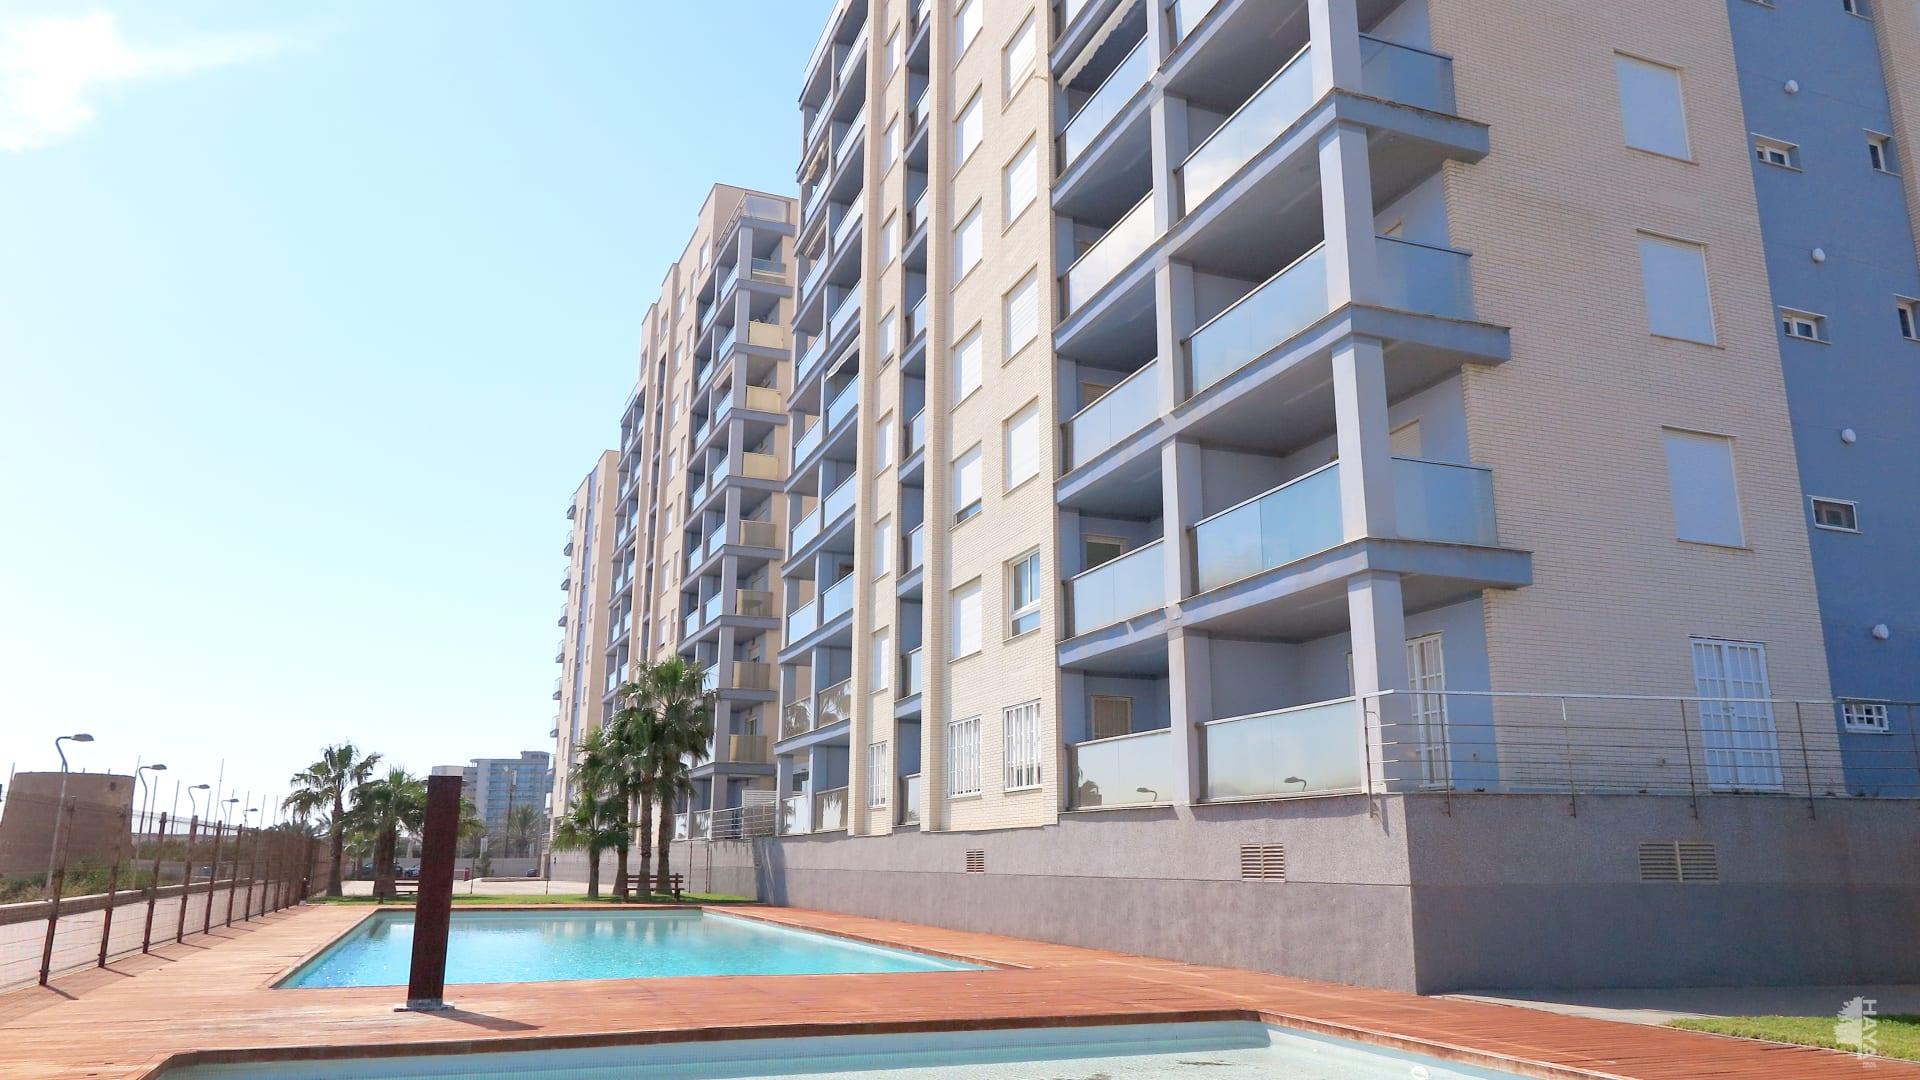 Piso en venta en San Javier, Murcia, Calle Prolongación Pol F. Conj Resid. Veneziola Golf Ii, 126.000 €, 2 habitaciones, 2 baños, 63 m2